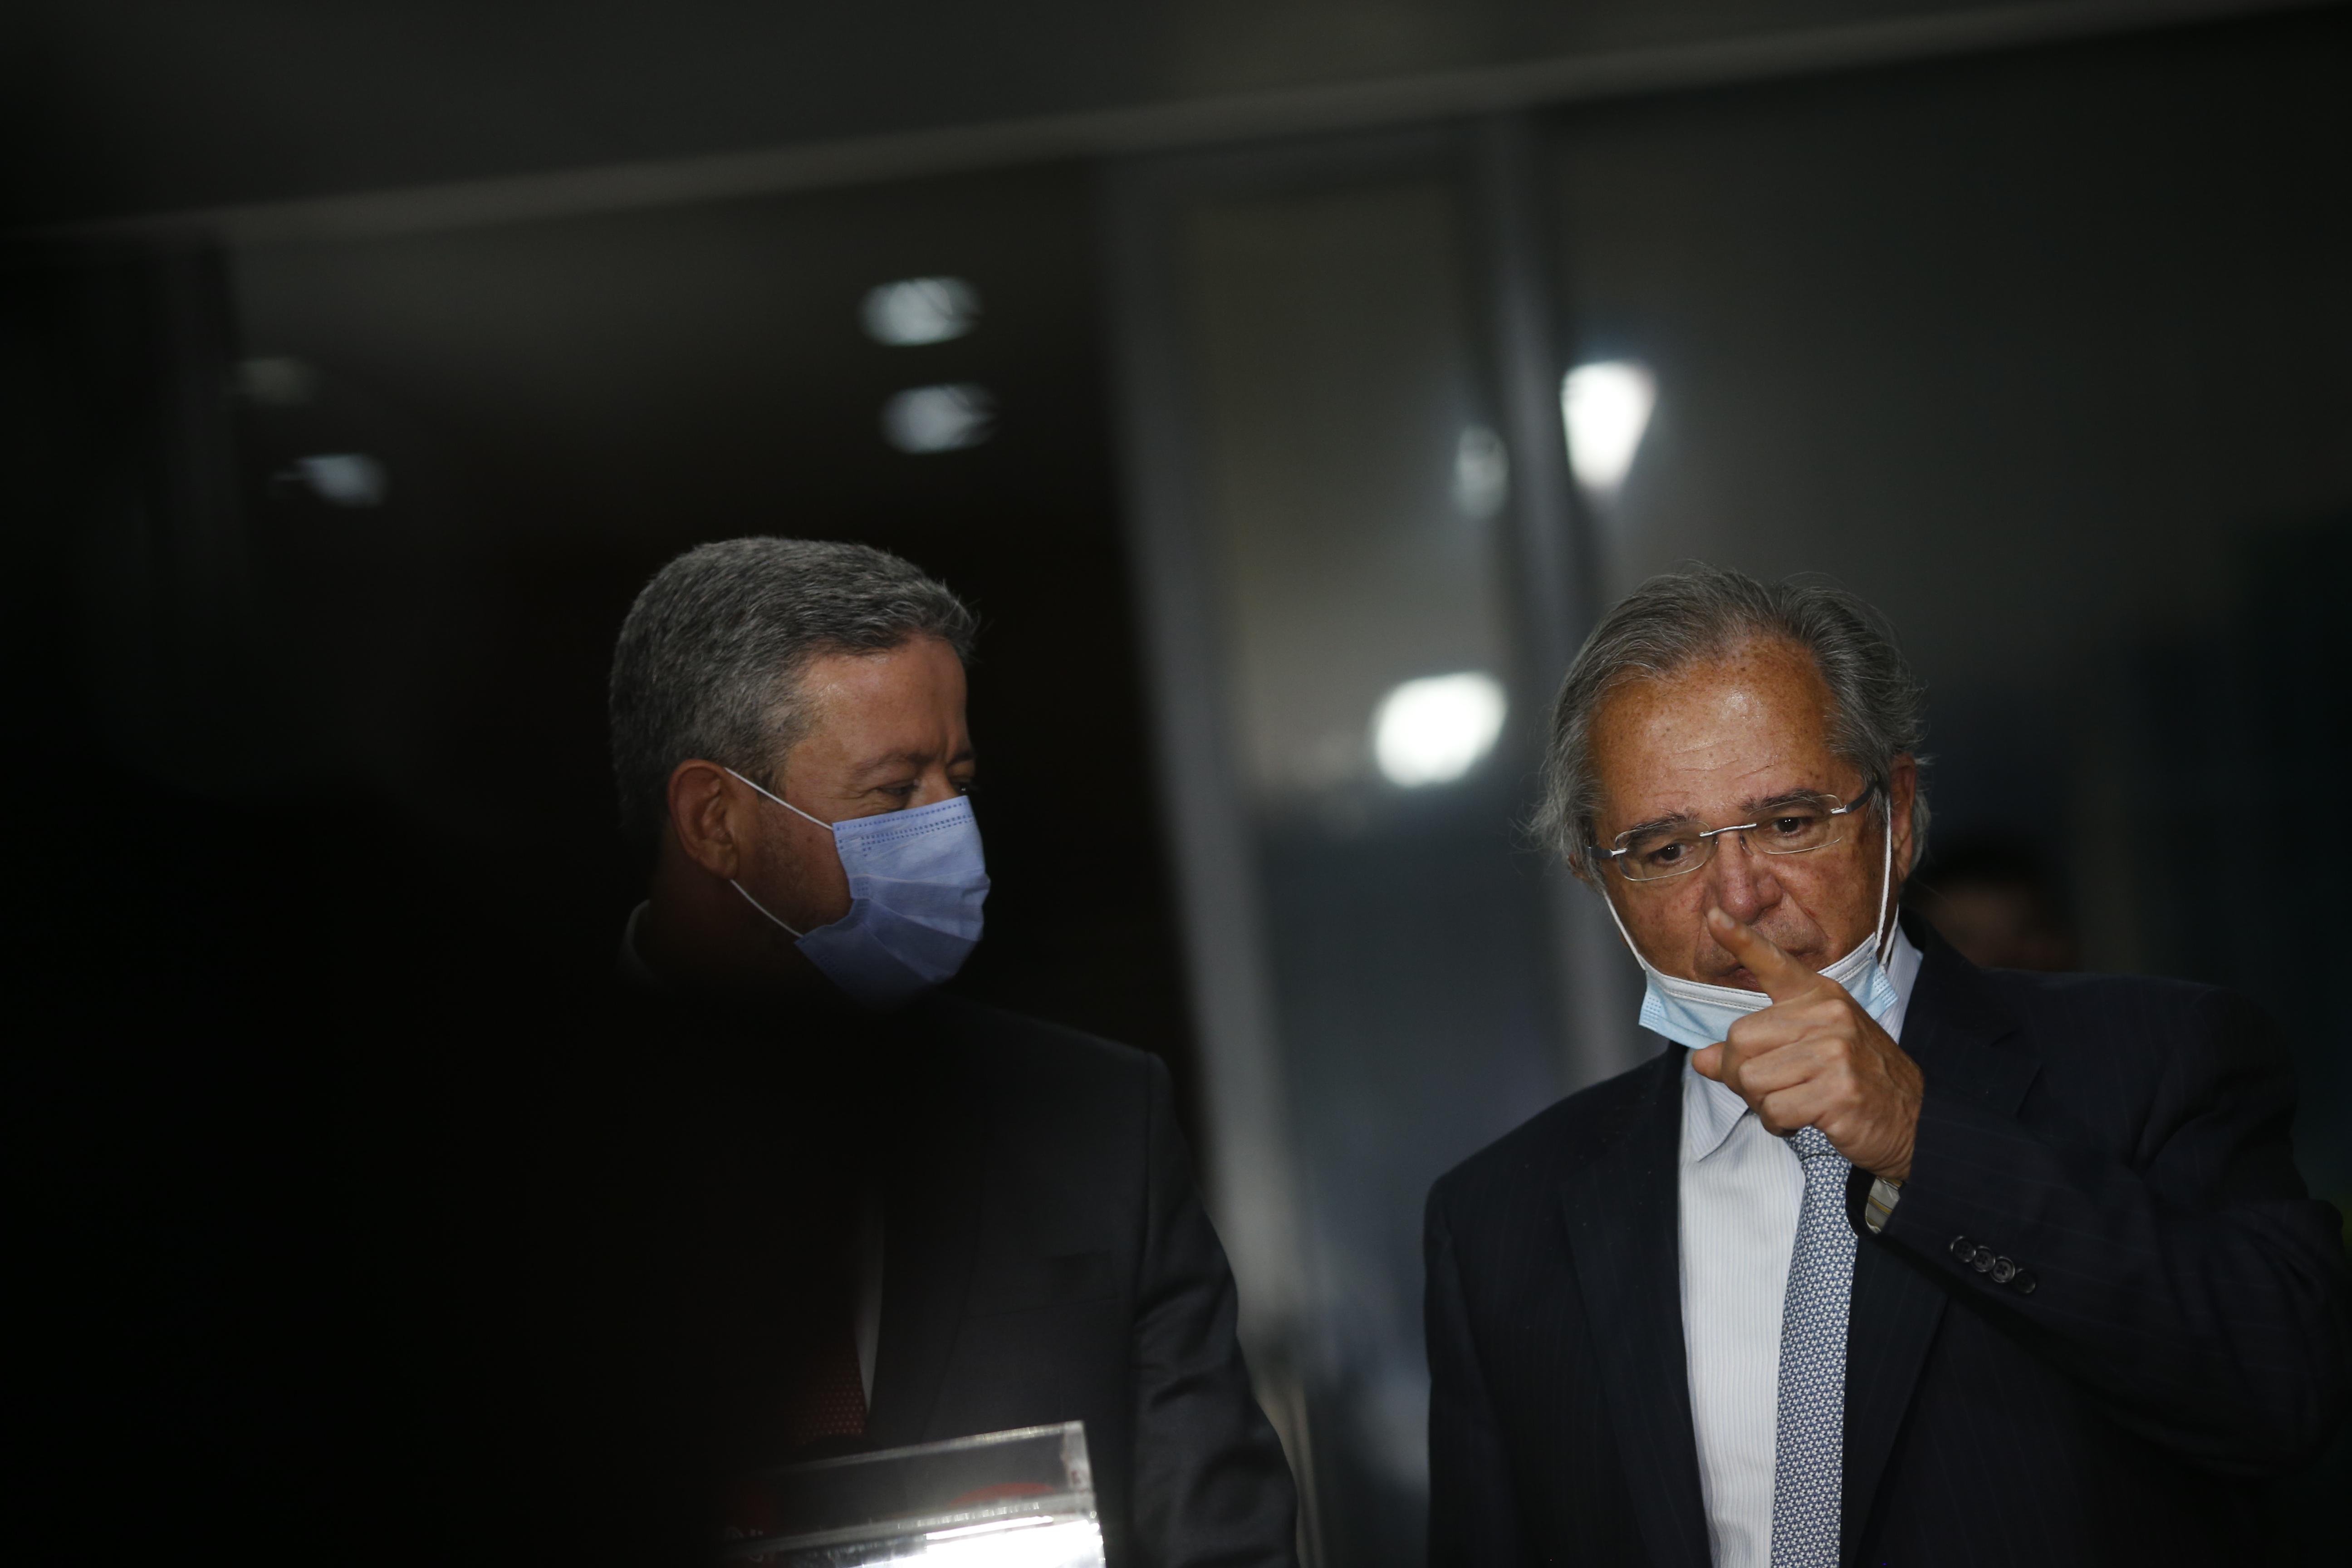 IMAGEM: Economia diz que coronavoucher sem ajuste fiscal vai gerar inflação e desemprego